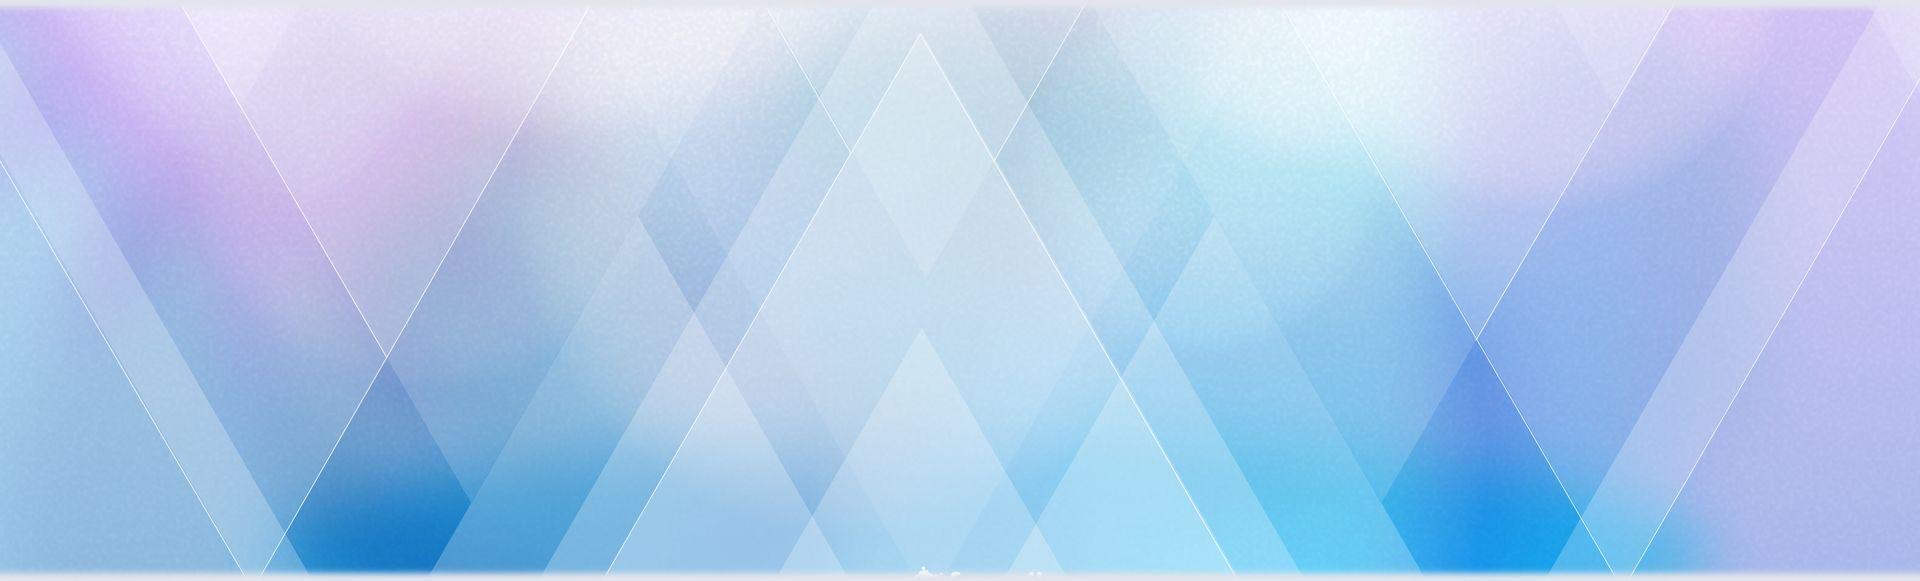 نسيج بسيط في الغلاف الجوي الأزرق خلفية ملصق هندسي Geometric Background Background Patterns Texture Vector